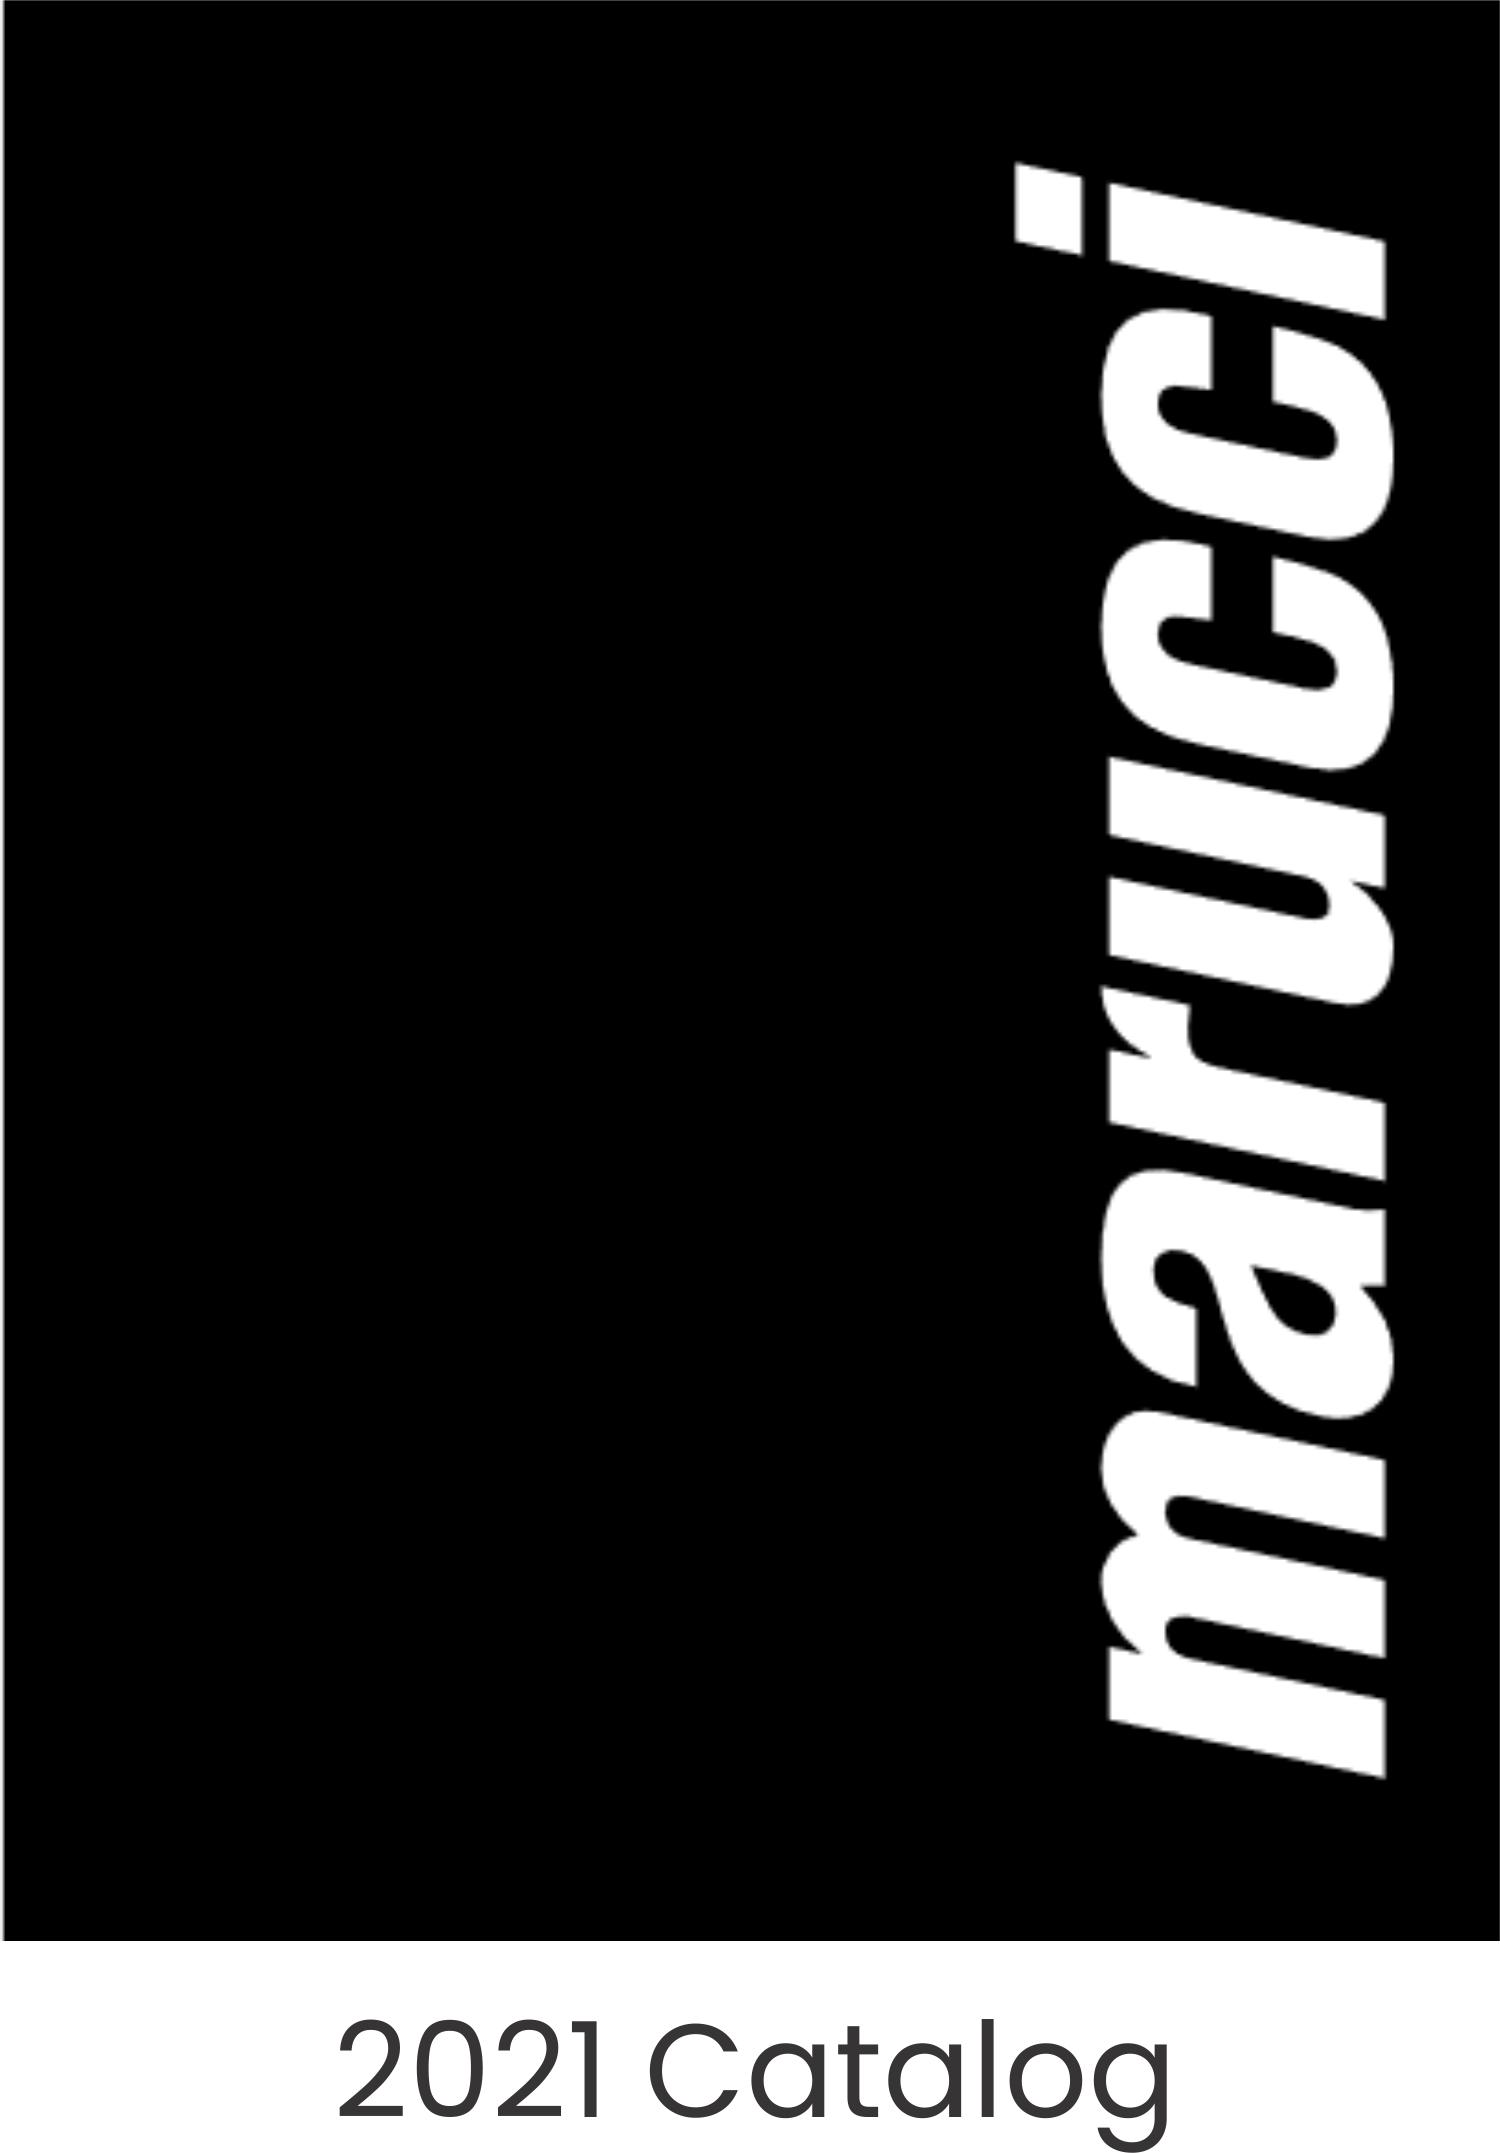 Marucci 2021 Catalog